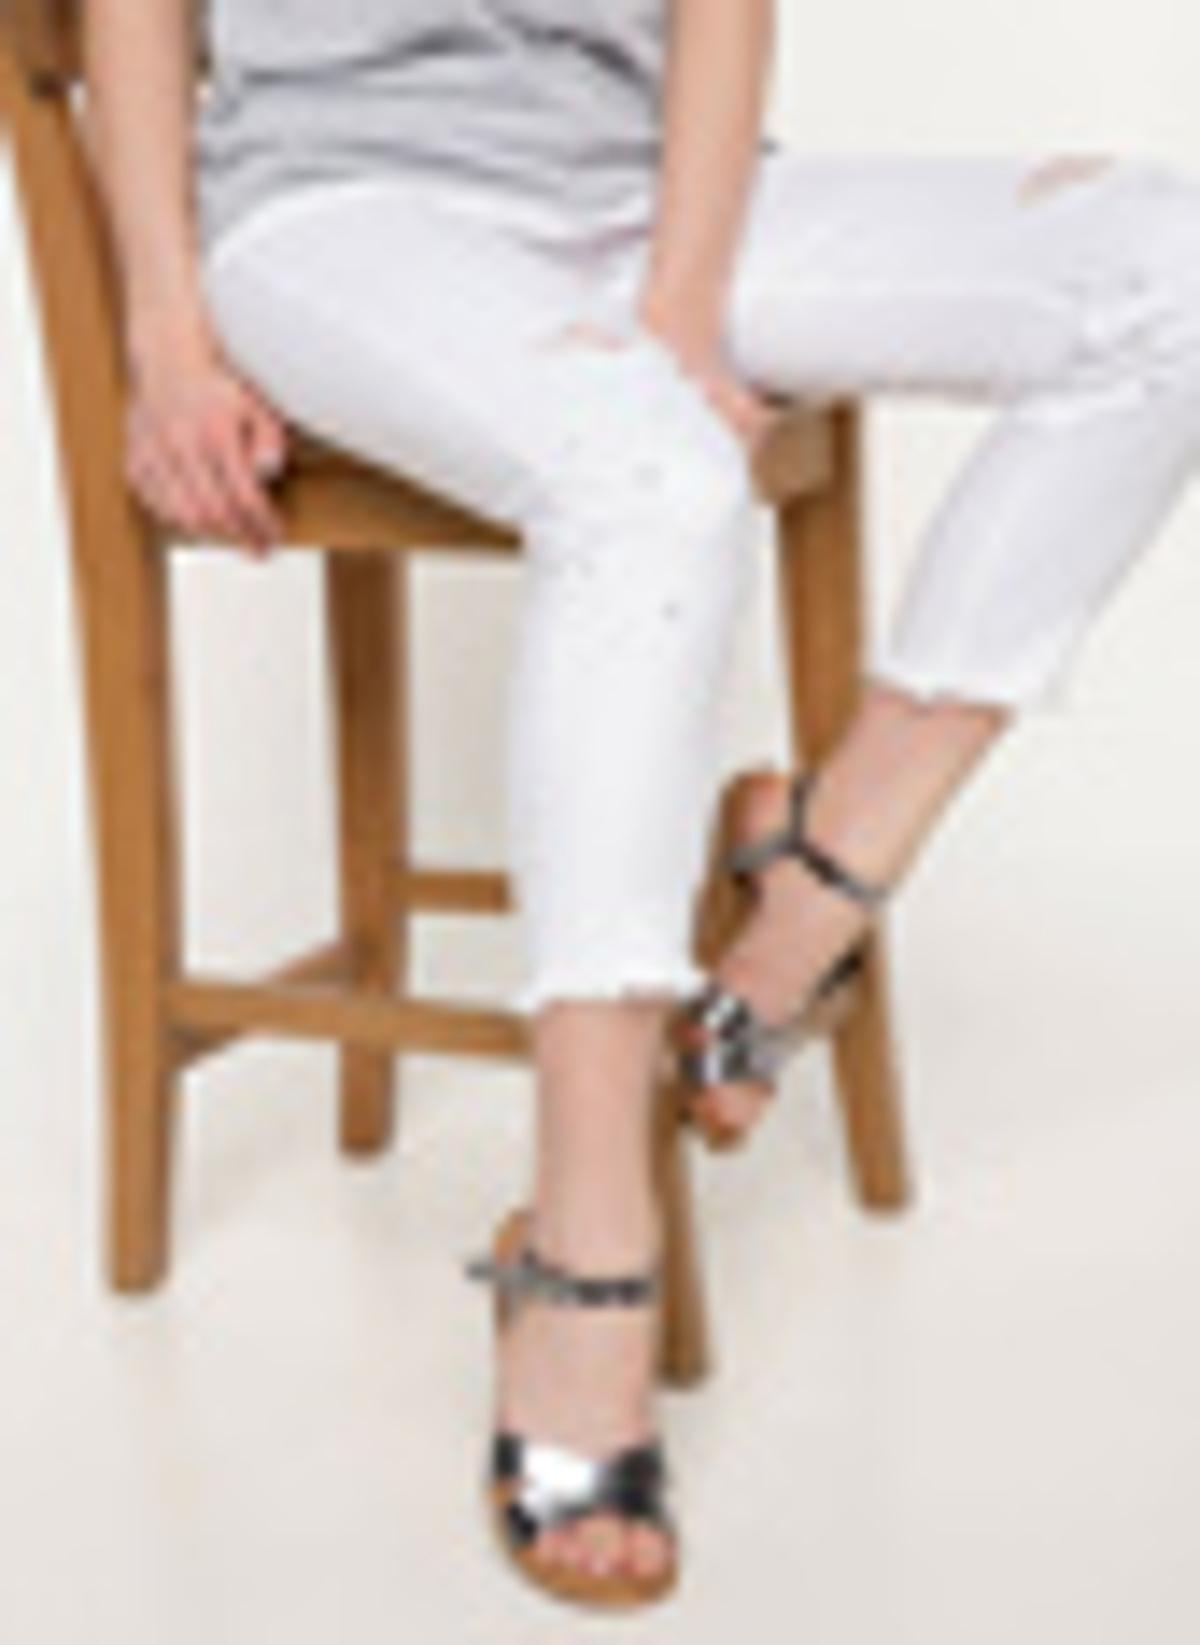 Defacto Çapraz Bantlı Sandalet I8297az18smgr33sandalet – 39.99 TL